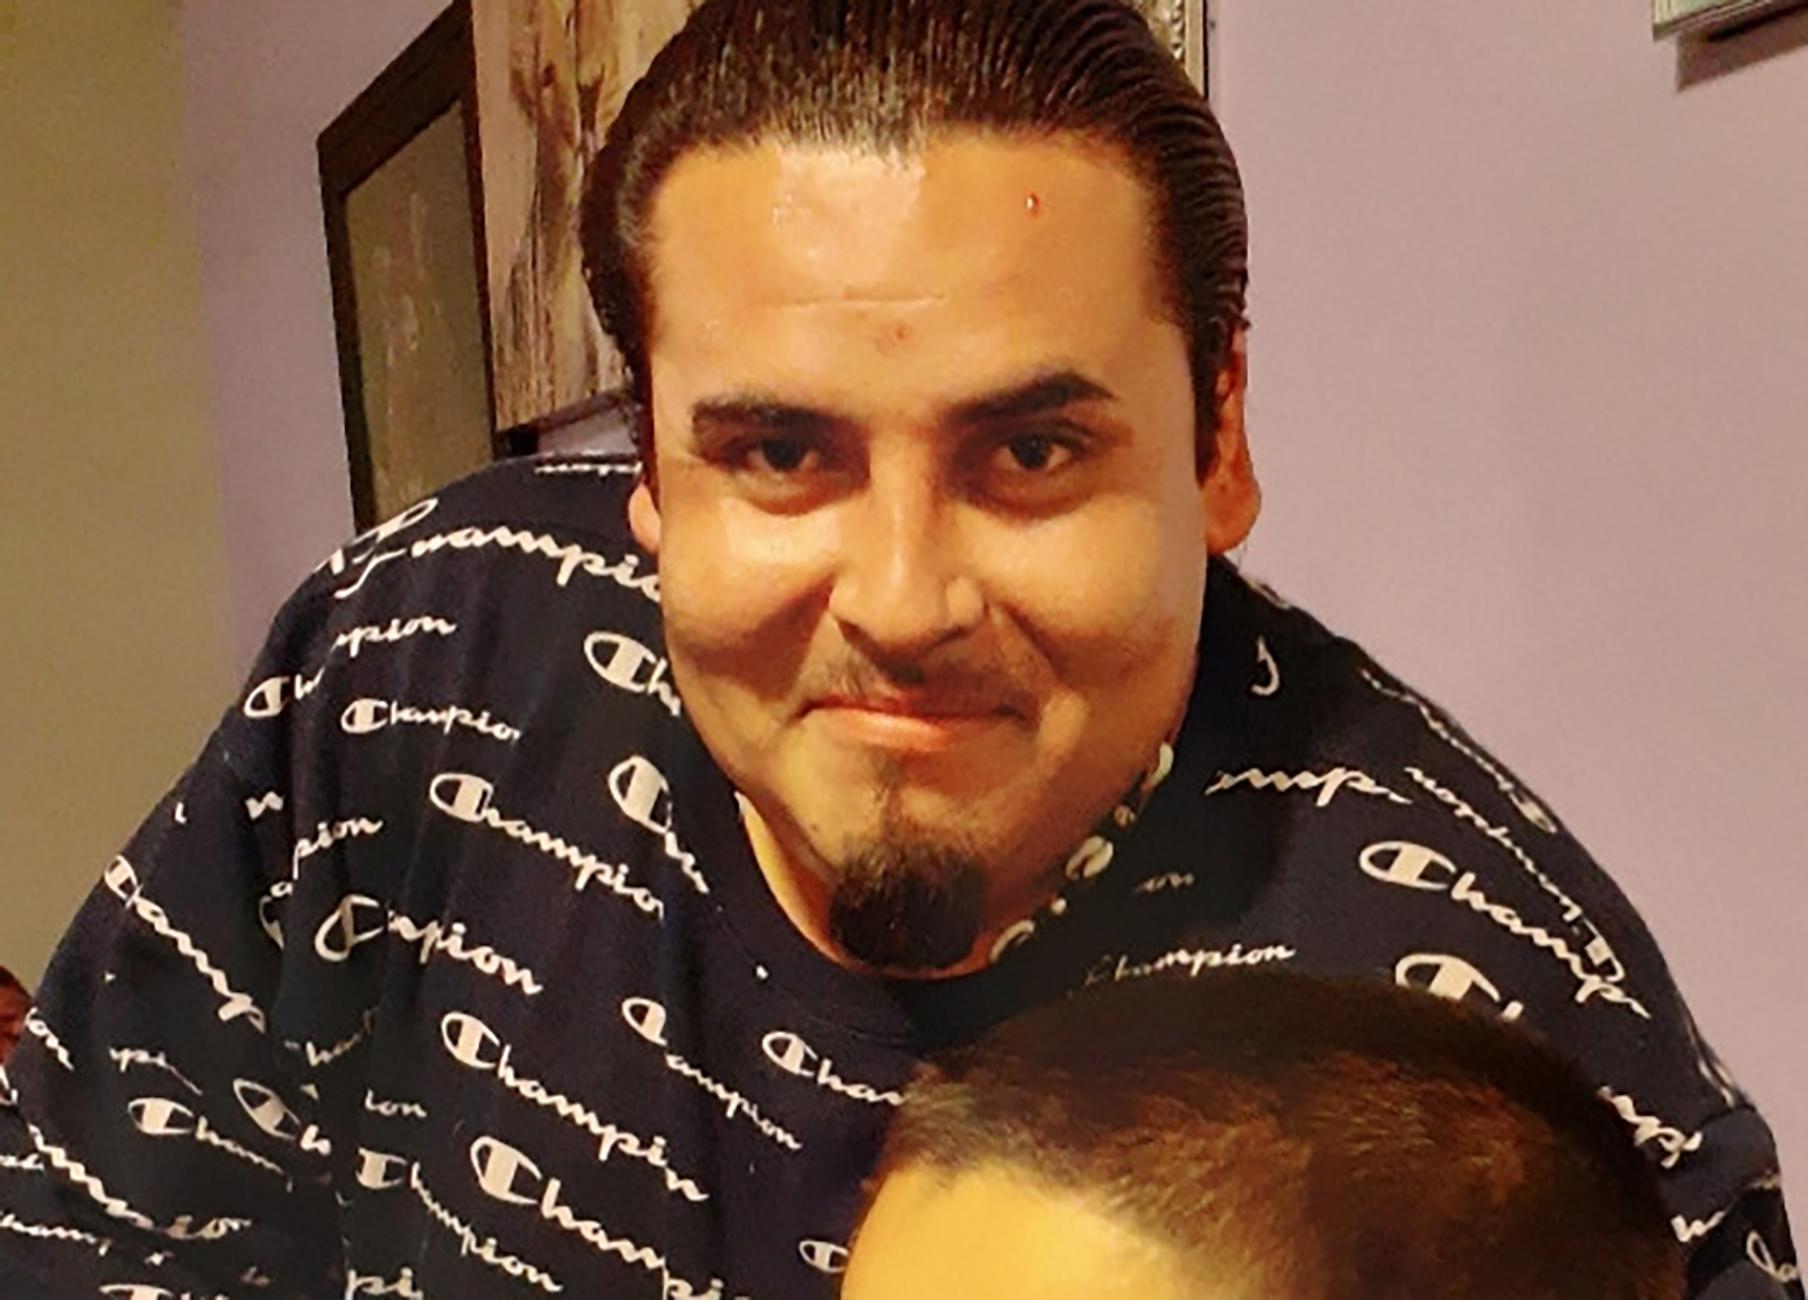 Mario Arenales Gonzalez